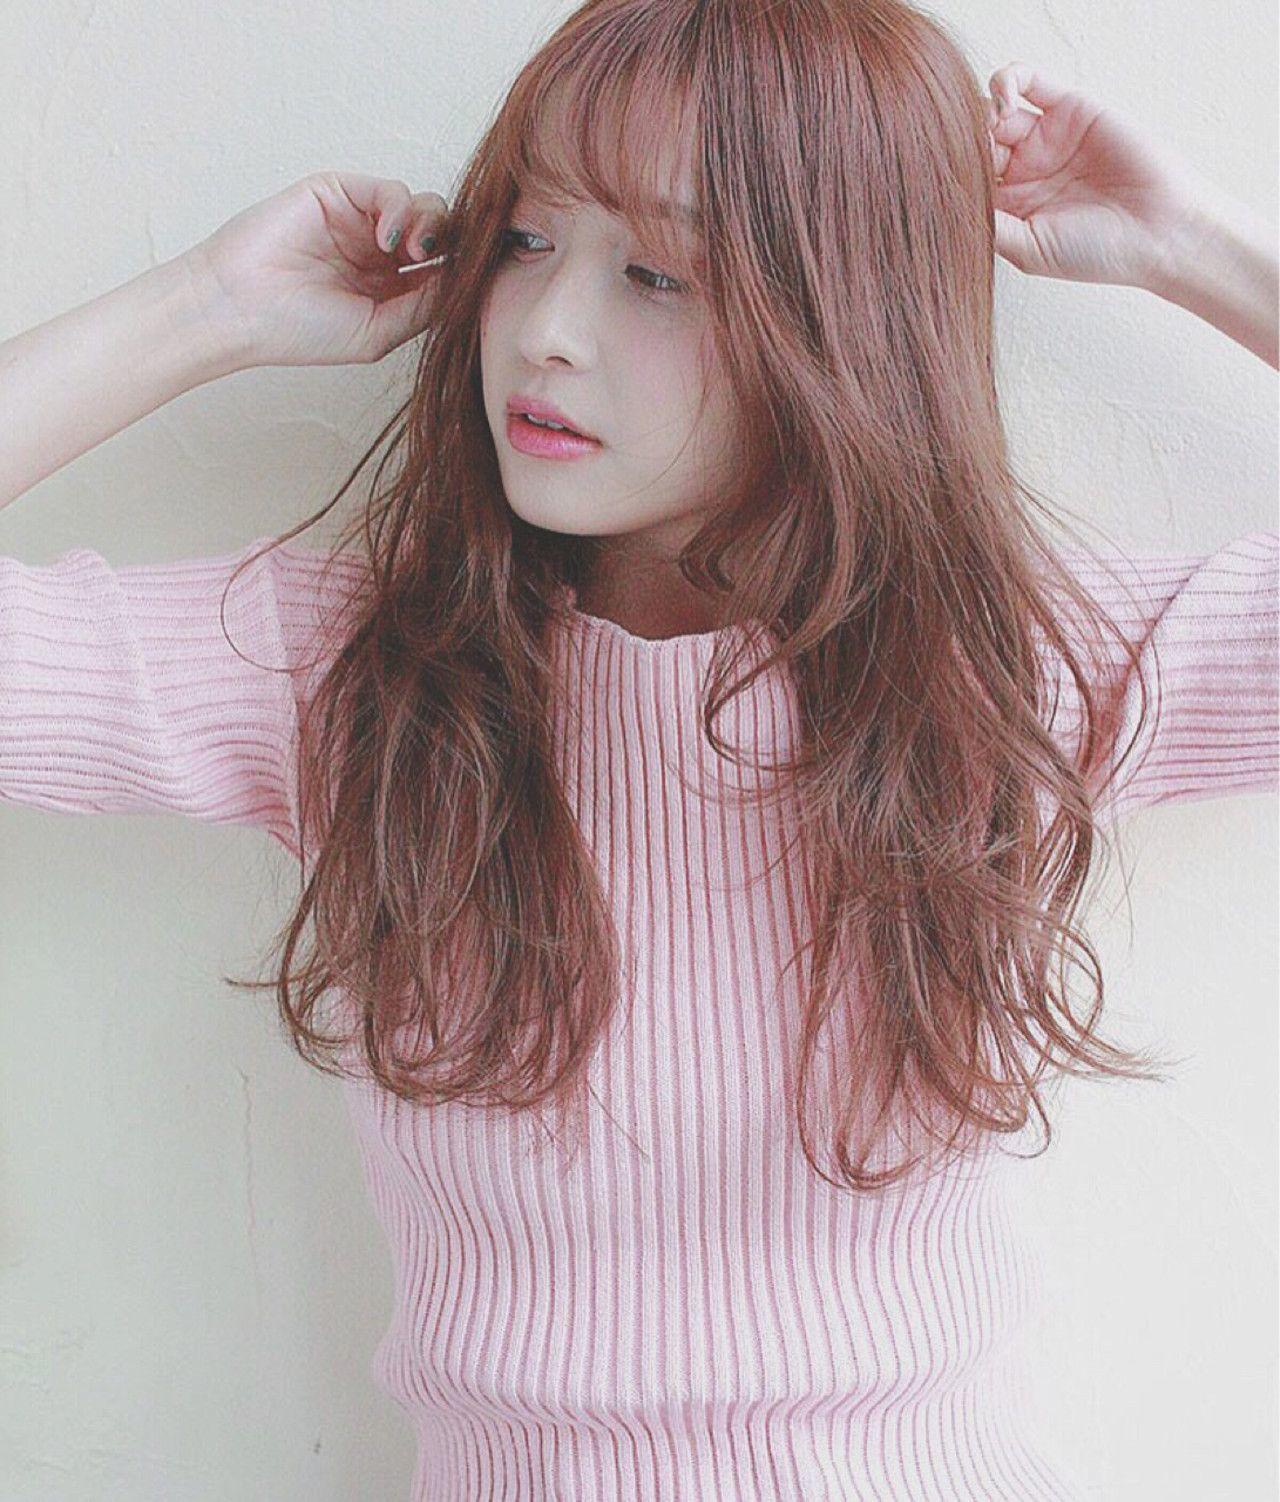 明る�ピンクアッシュ��ピンク����り発色�れ�外国人風ヘアカラー�。 ブリー�を��カラーリング�る�も���も�も�明る�髪色�ピンクアッシュをカラー